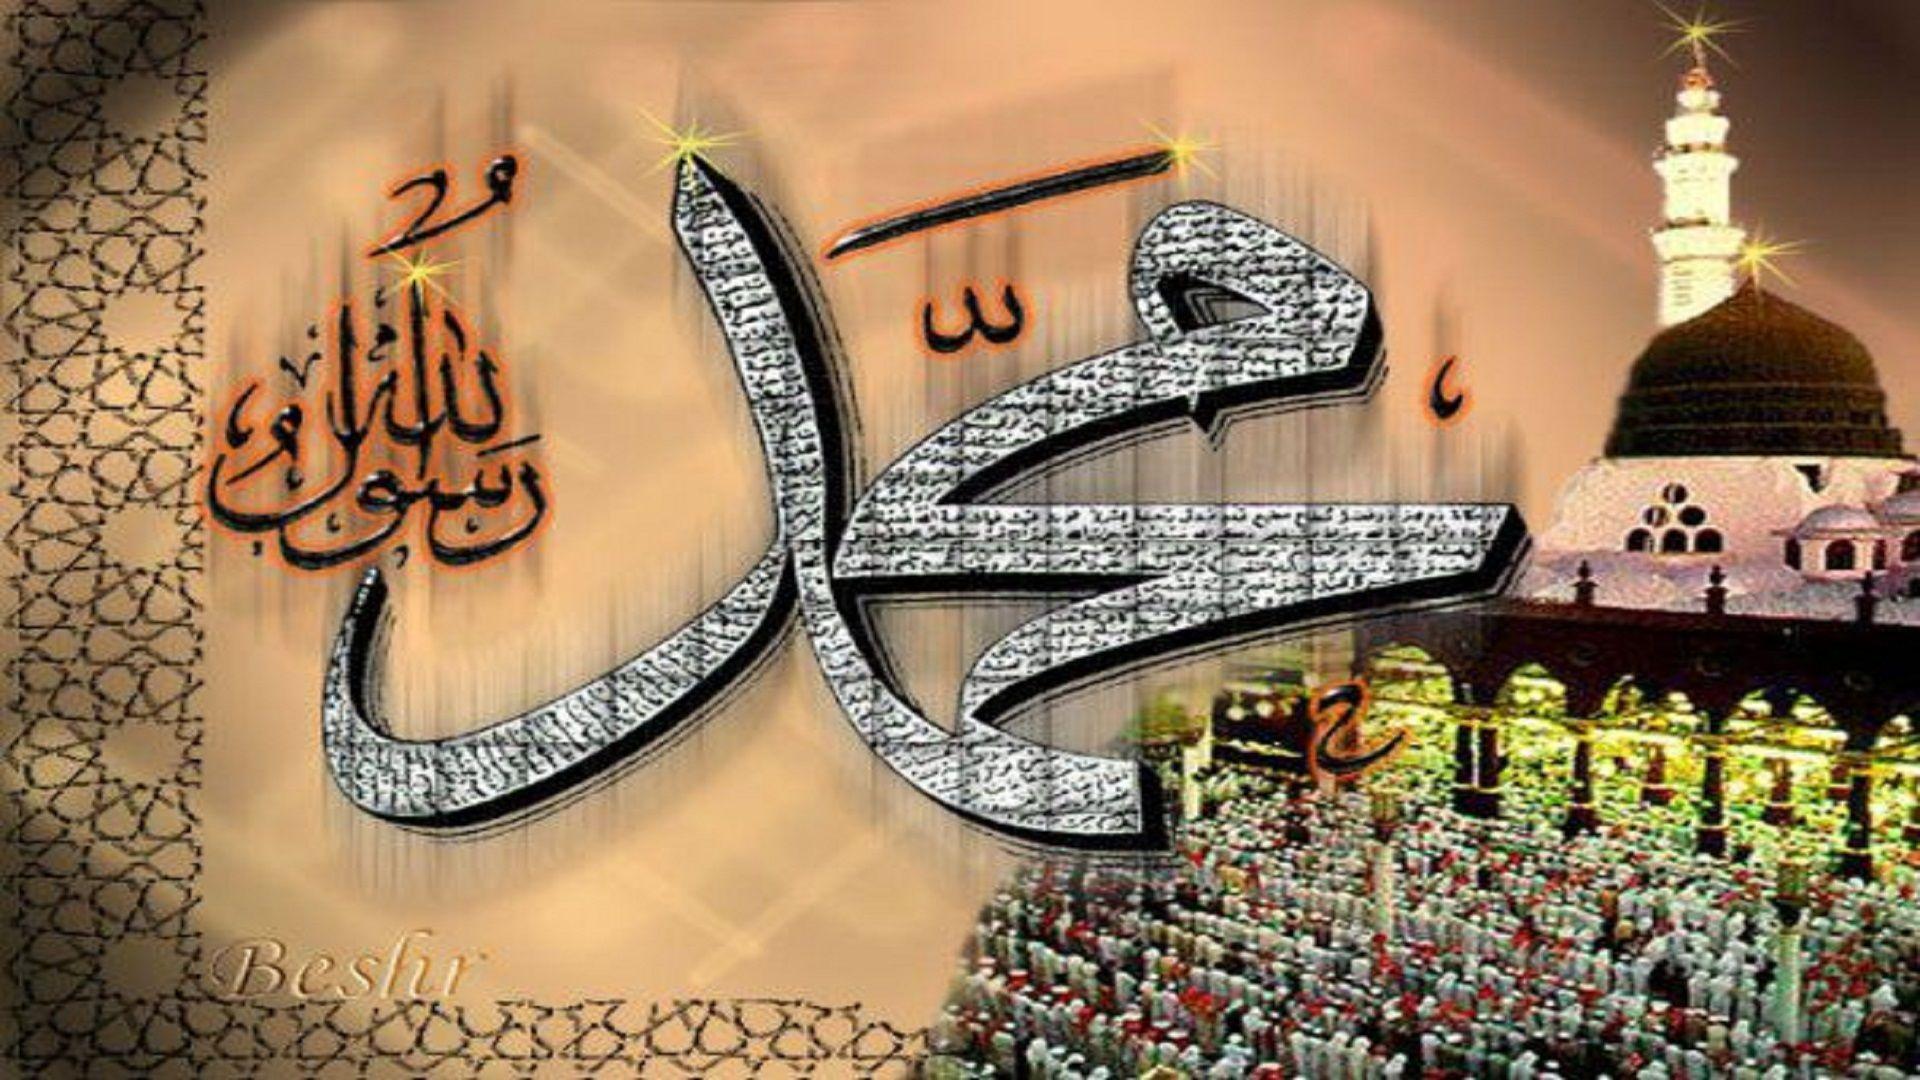 Allah Wallpapers HD 2017 - Wallpaper Cave